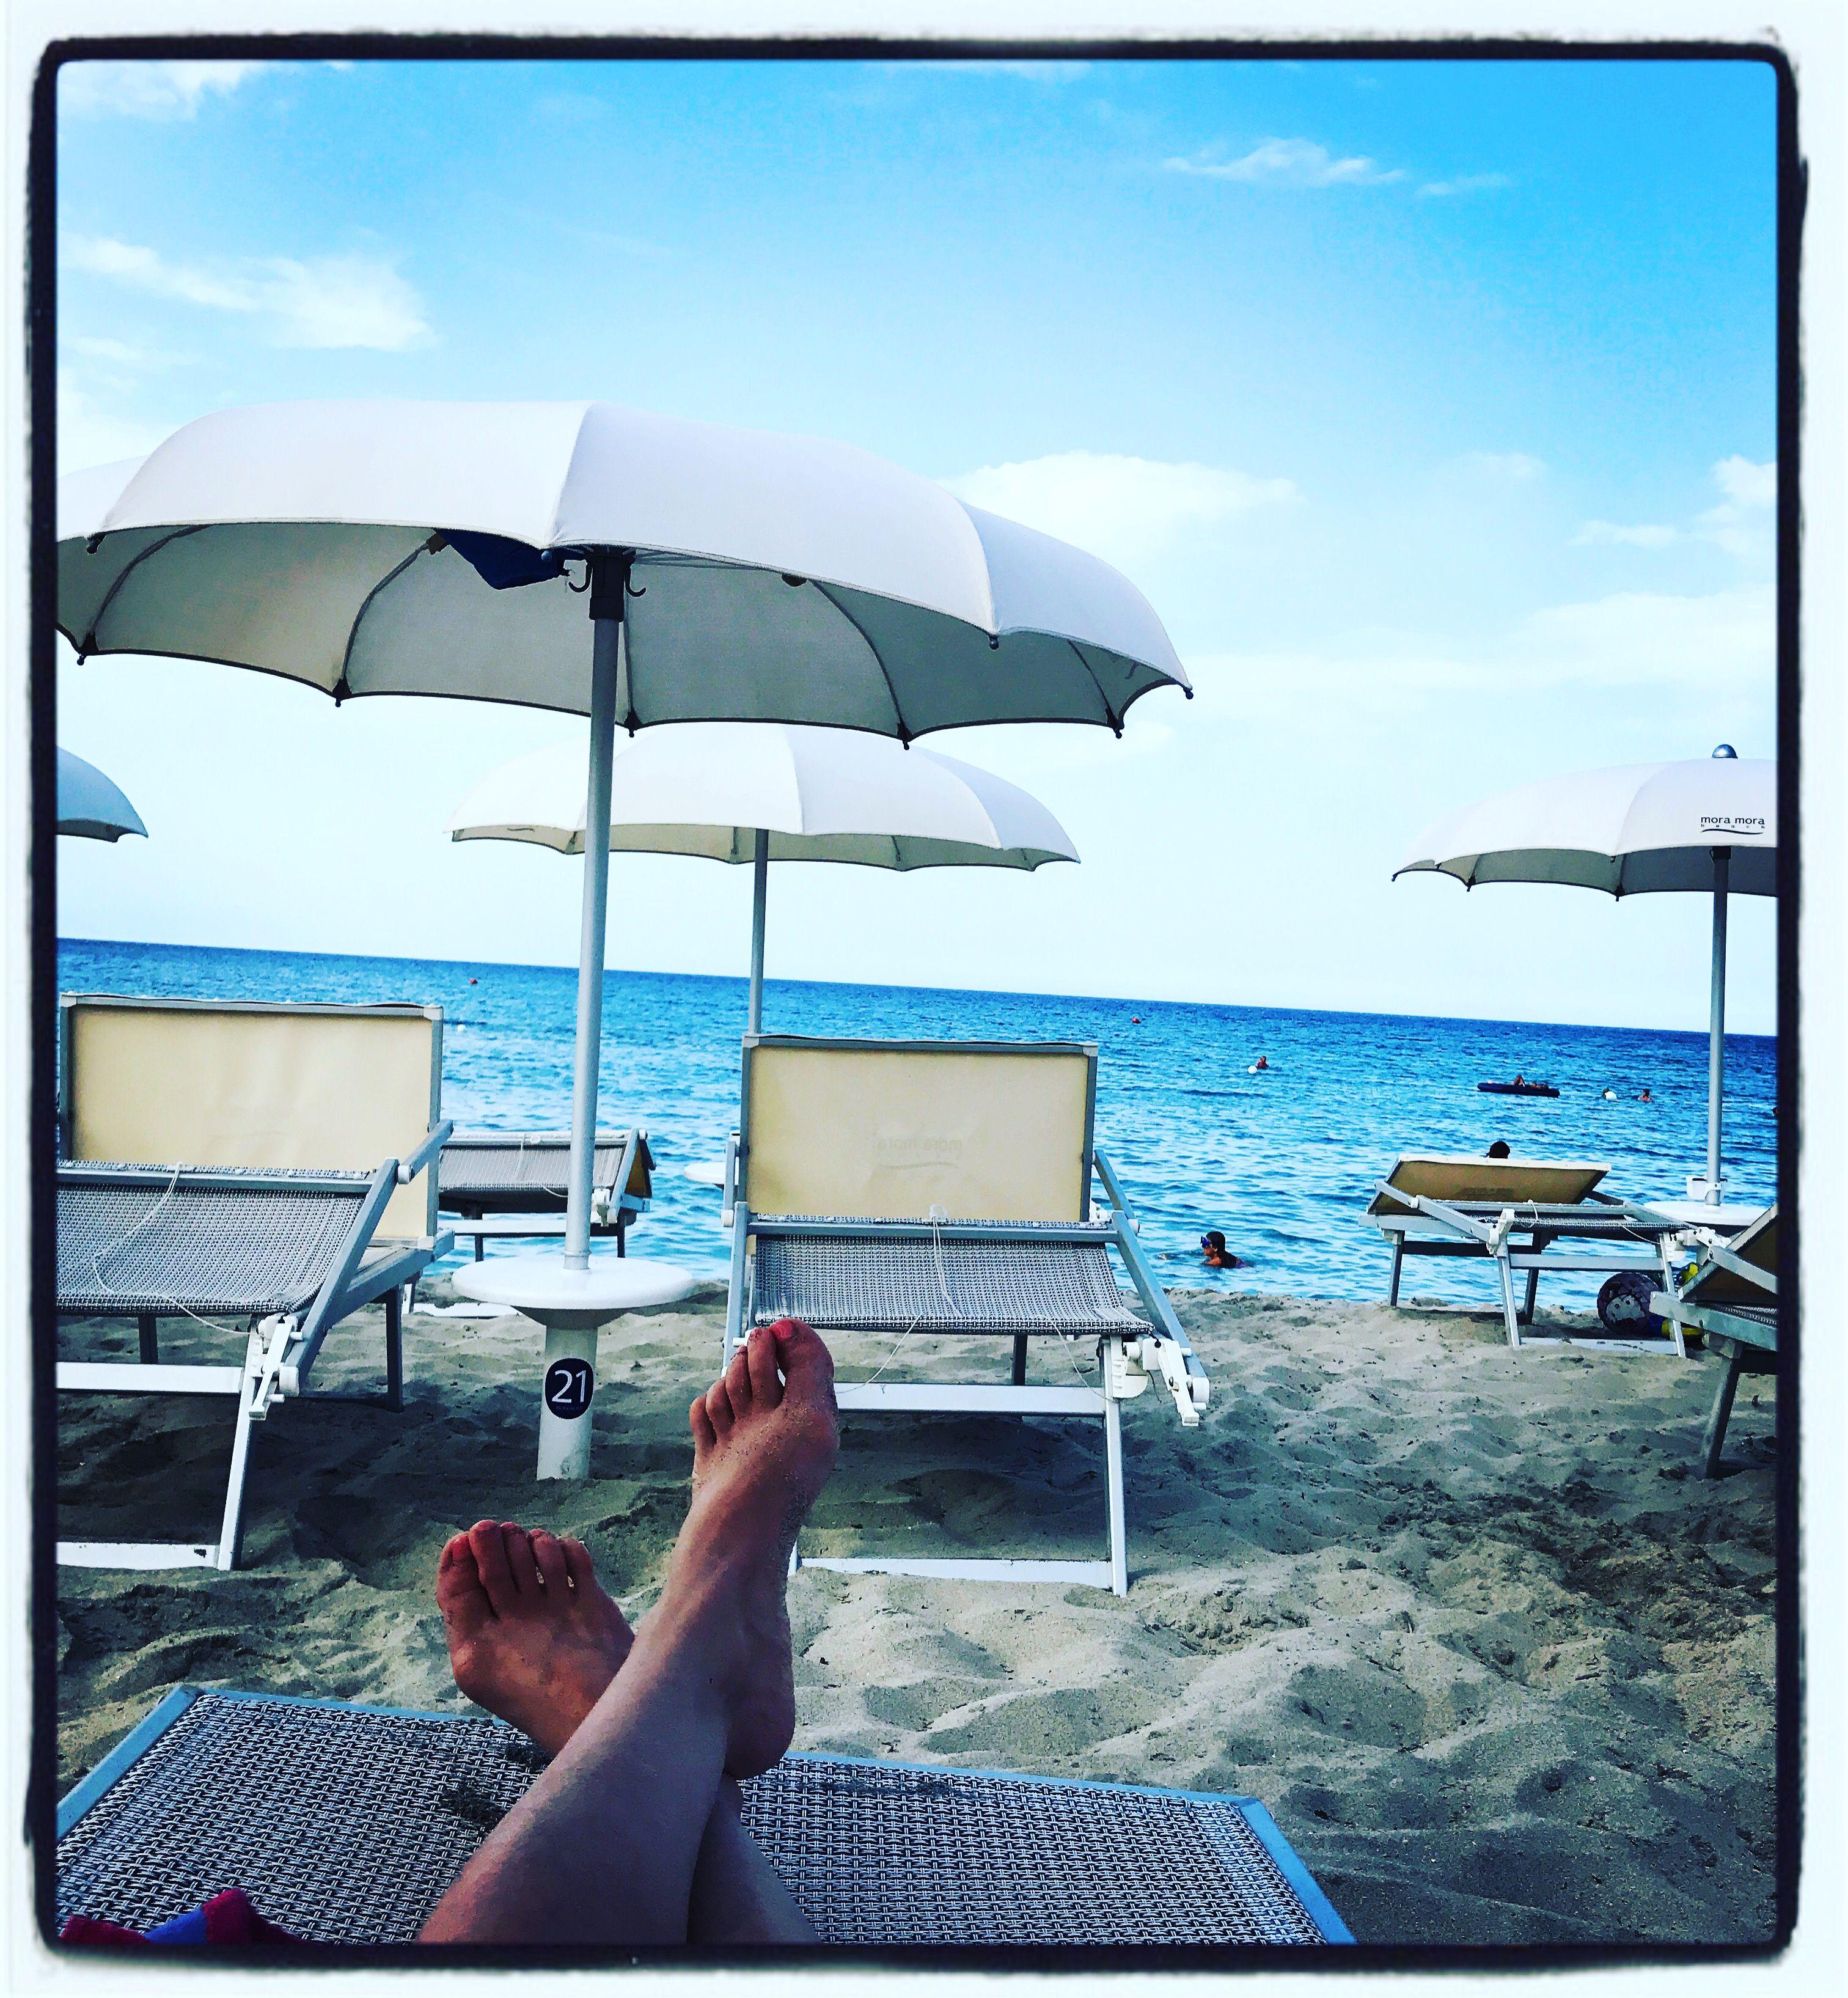 { In una vita precedente sono stata un'onda del mare, di quelle che portano a riva sassolini colorati e li custodiscono come fossero smeraldi } #sea #love #sky #robyzl #vistamare #serendipity #salento #weareinpuglia #pic #picoftheday #ph #photo #photooftheday #tagforlikes #like4like #tumblr #flick #social #jj #joy #tw #tweegram #ip #iphone #iphonesia #instalove #instagram #instagood #instasea #ig #igersitalia #igers